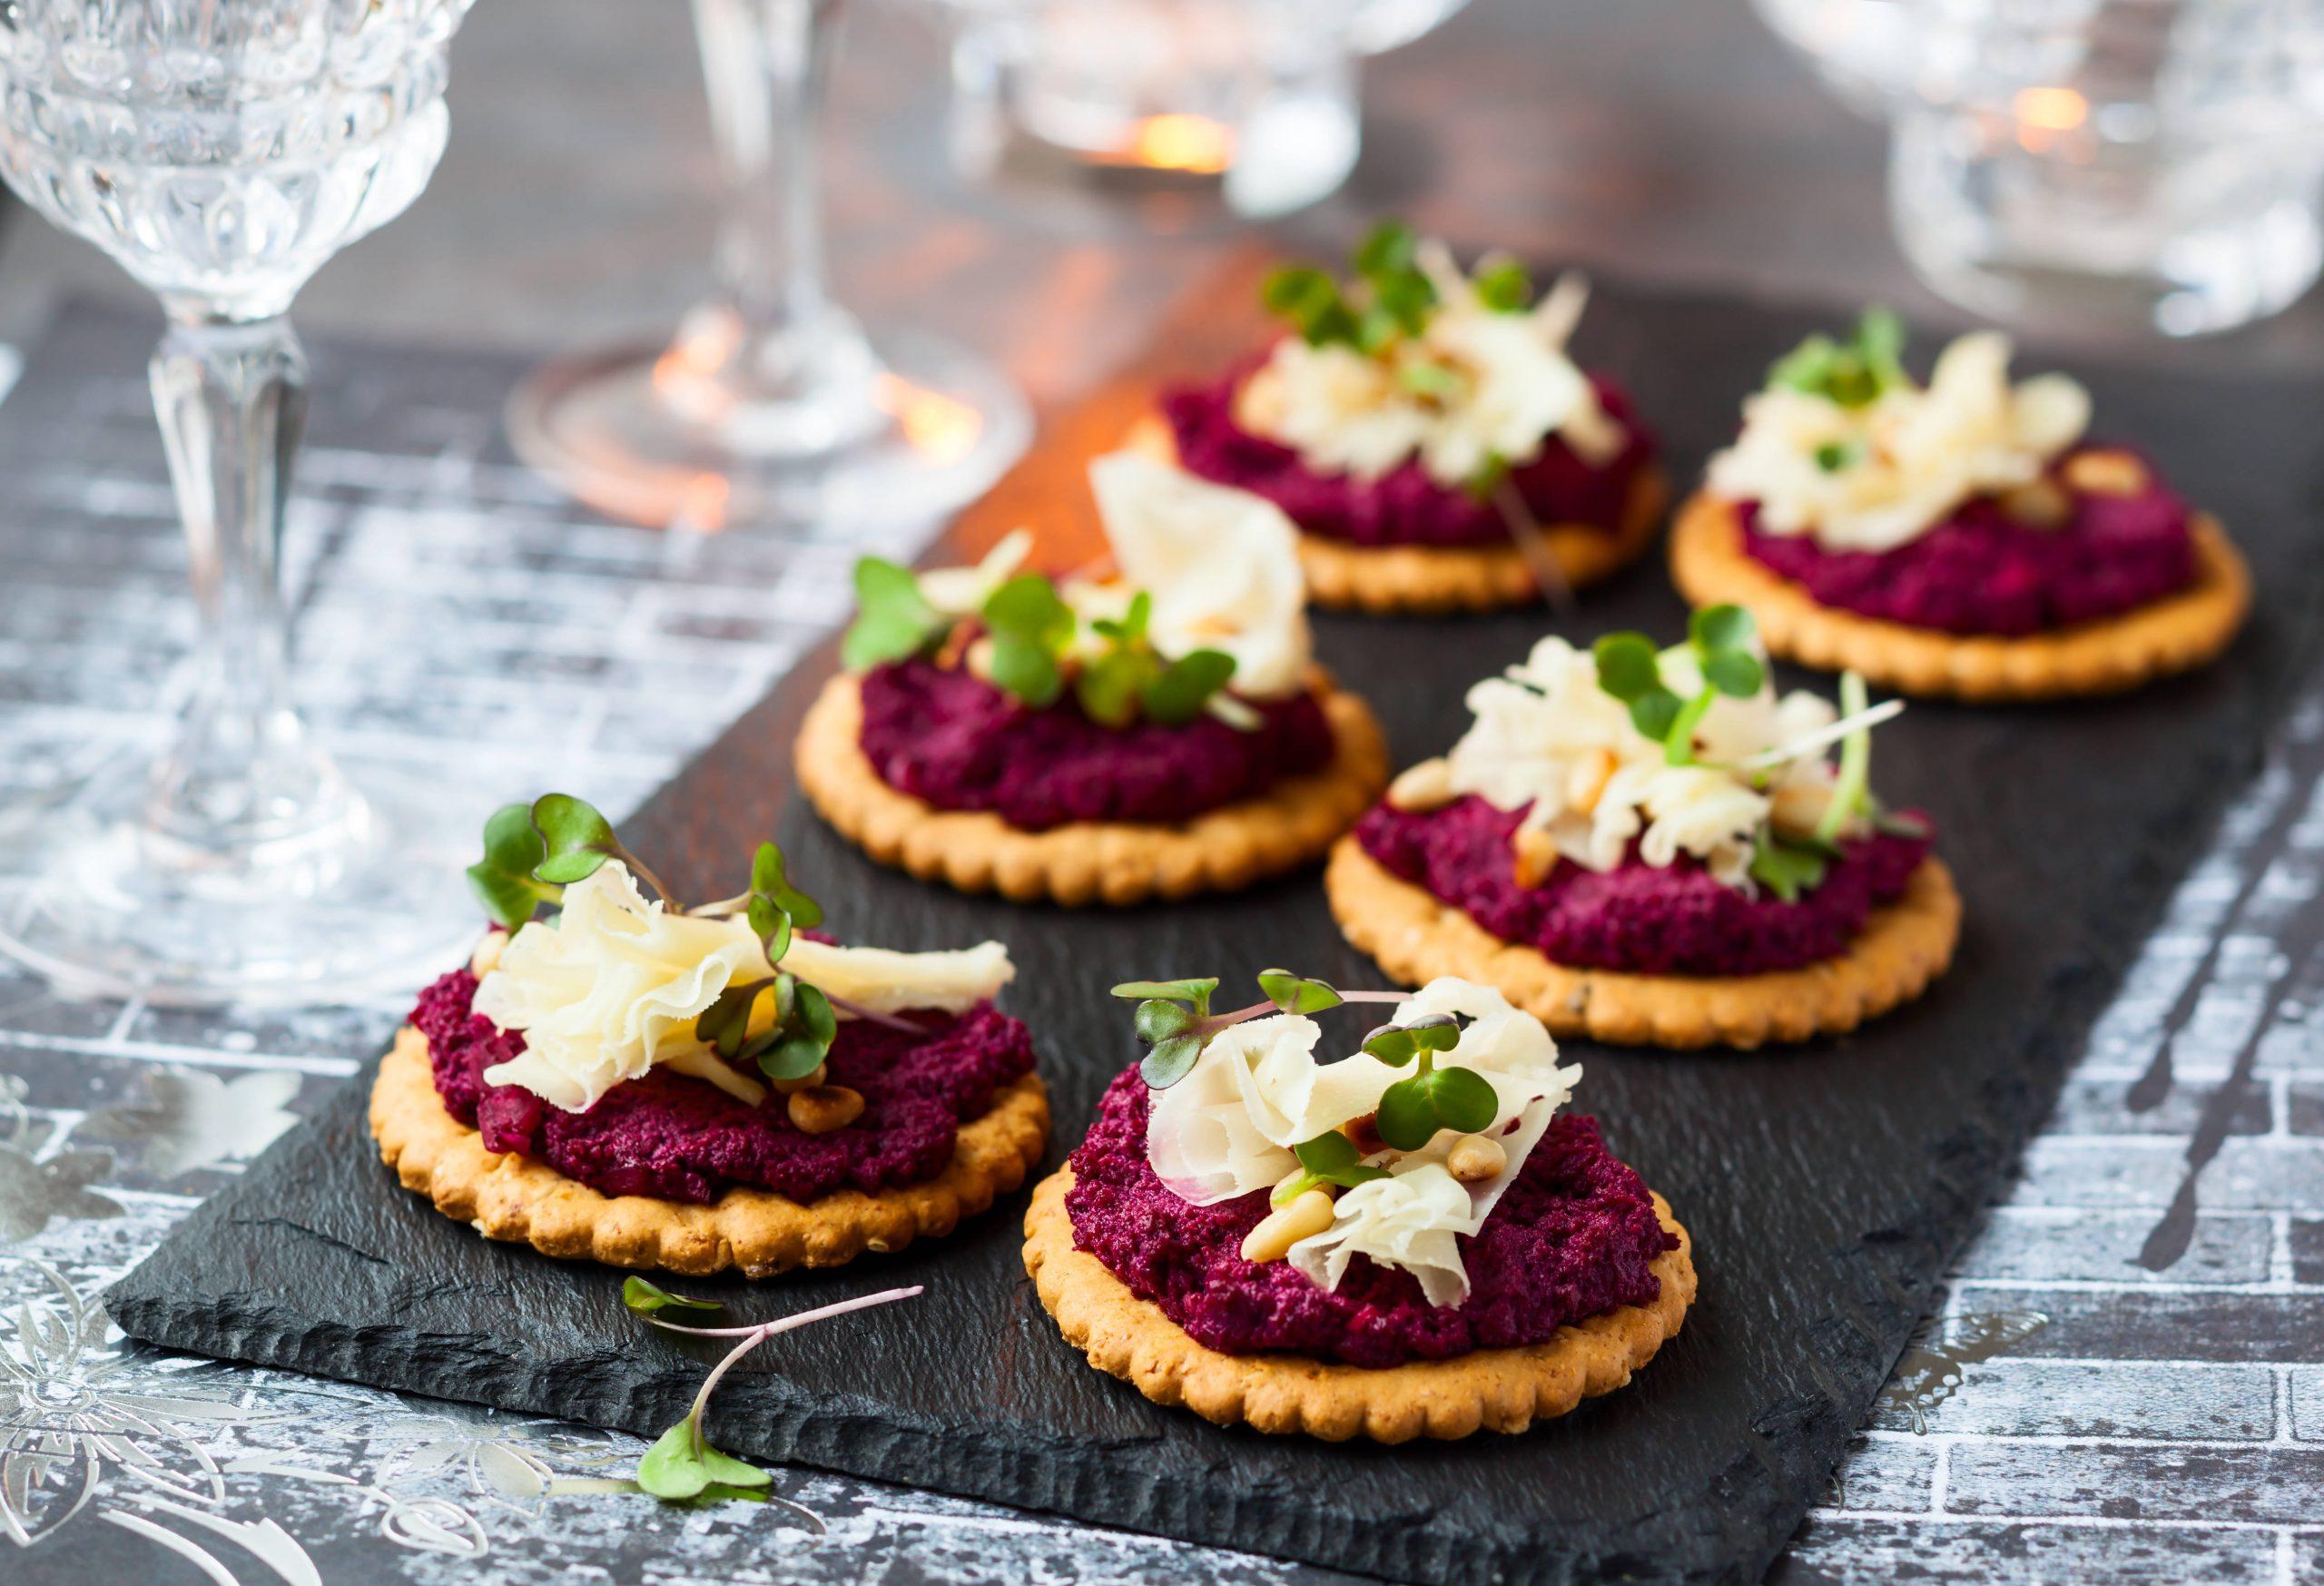 Cómo podemos elegir un buen catering vegano